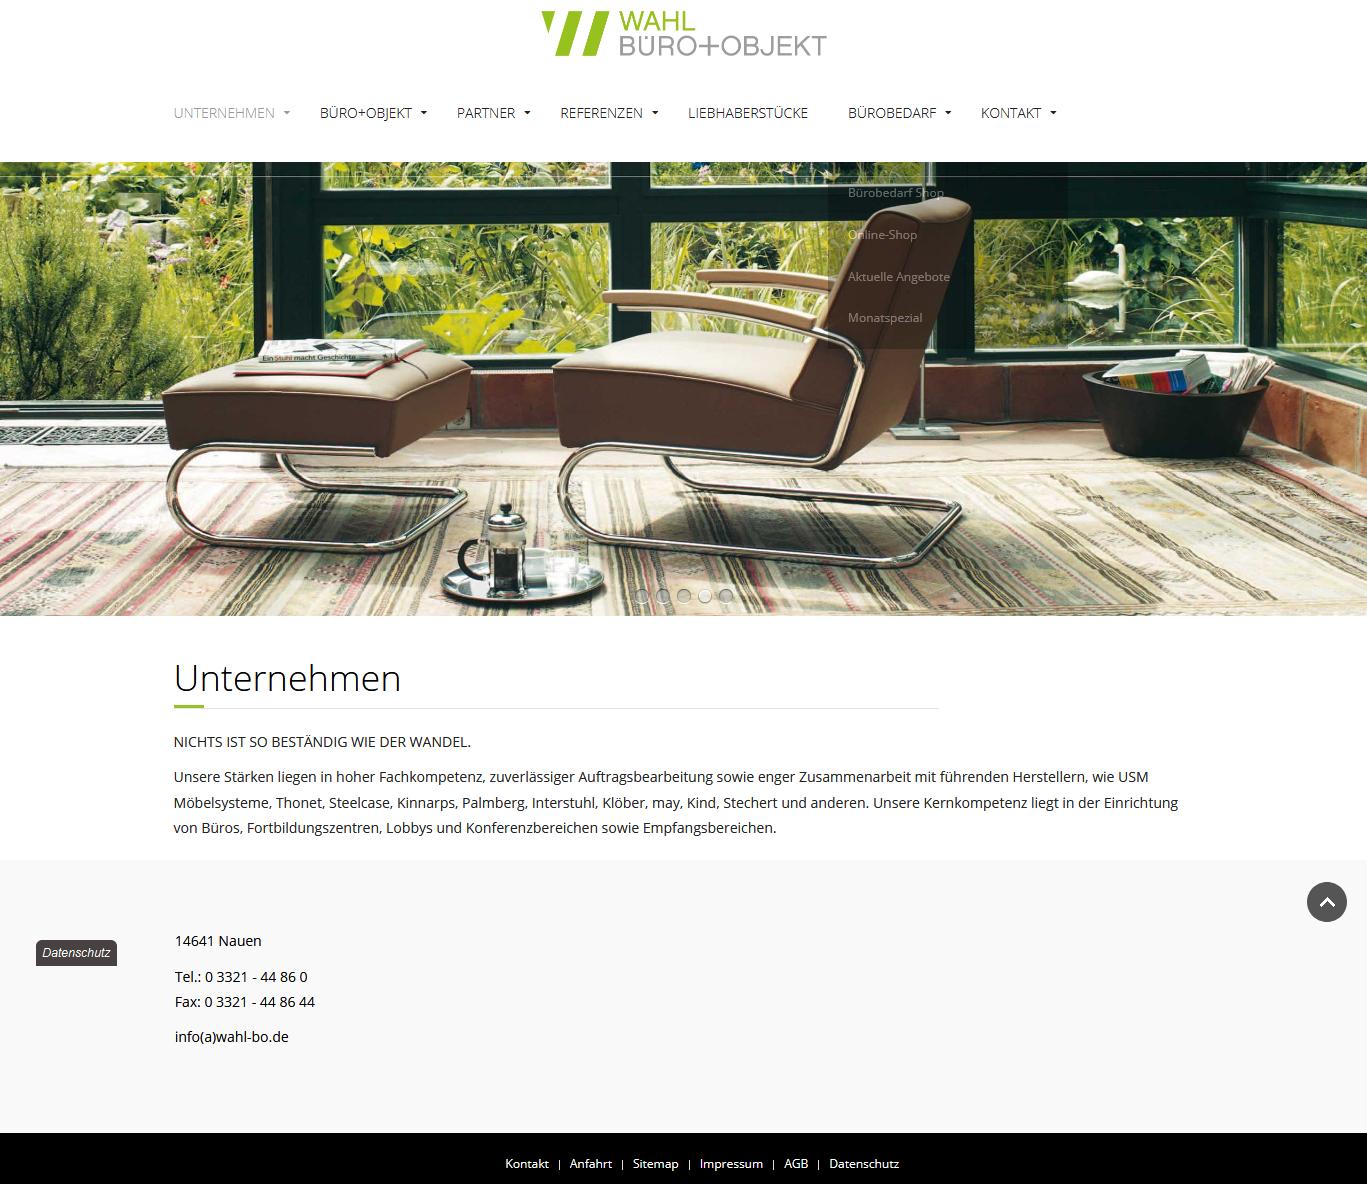 Unternehmen Wahl Büro Objekt GmbH Kreative Objekteinrichtung Büroeinrichtung Büromöbel Innenarchitektur Bürobedarf(1)